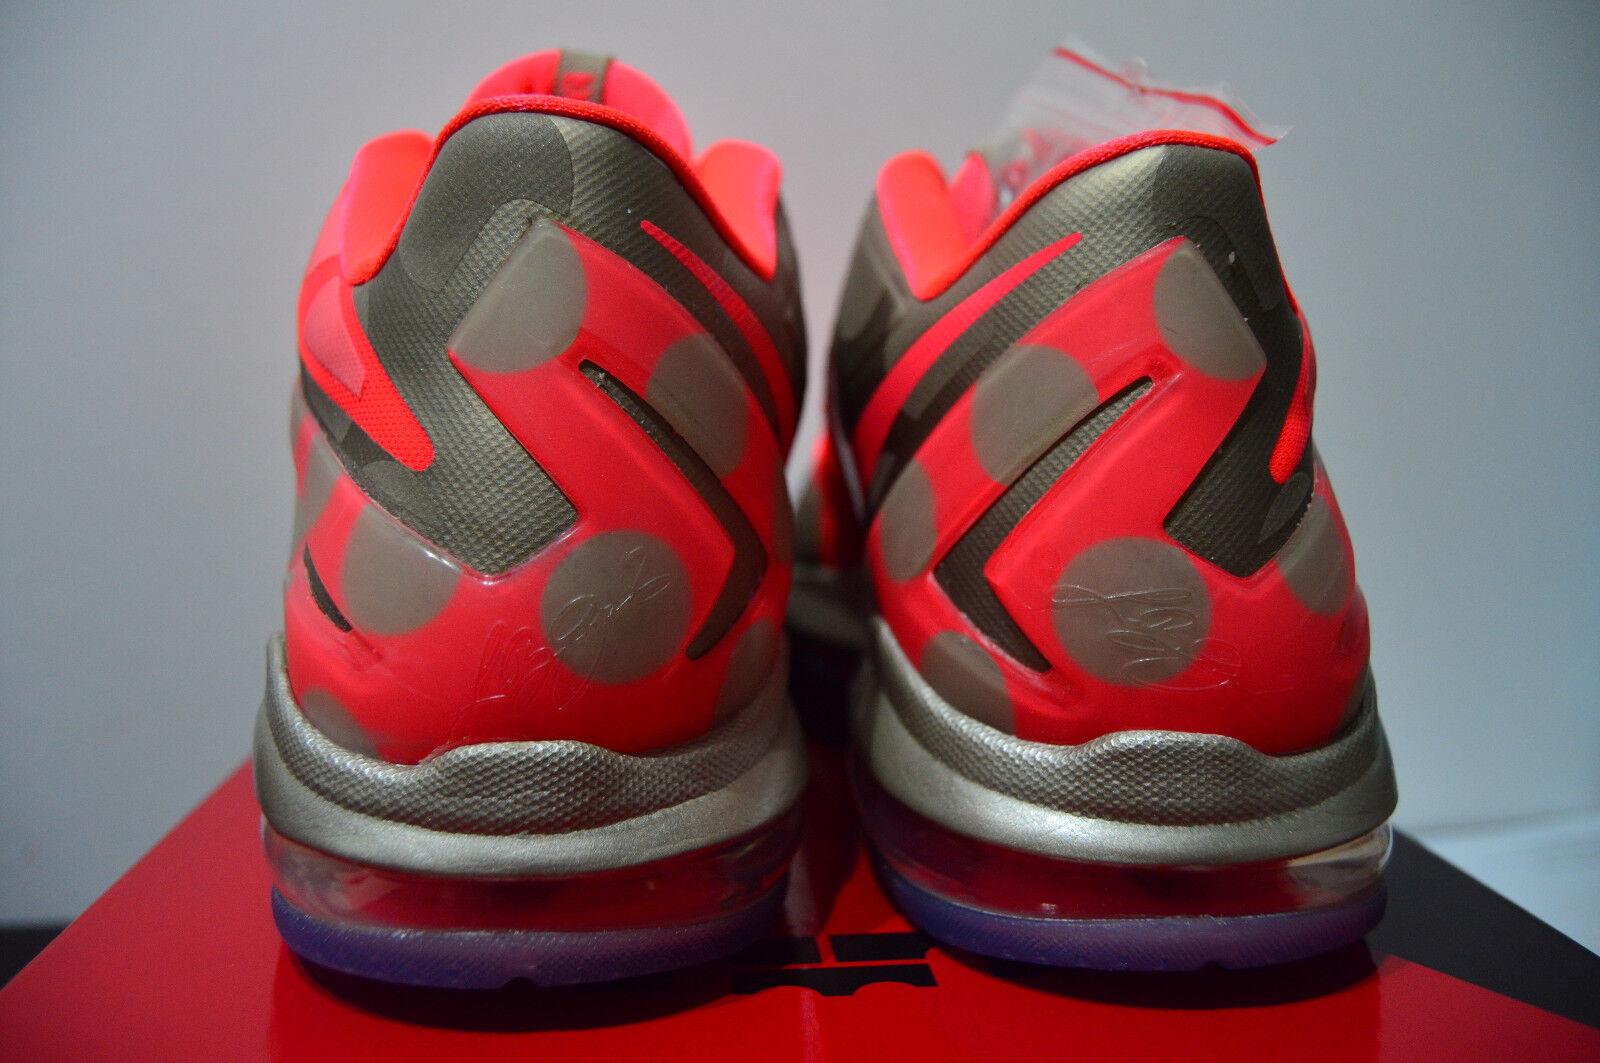 Nike max lebron xi basso raccolta 683256 064 dello dello dello zinco metallico / iper - punch-ice us9.5 0b50b0